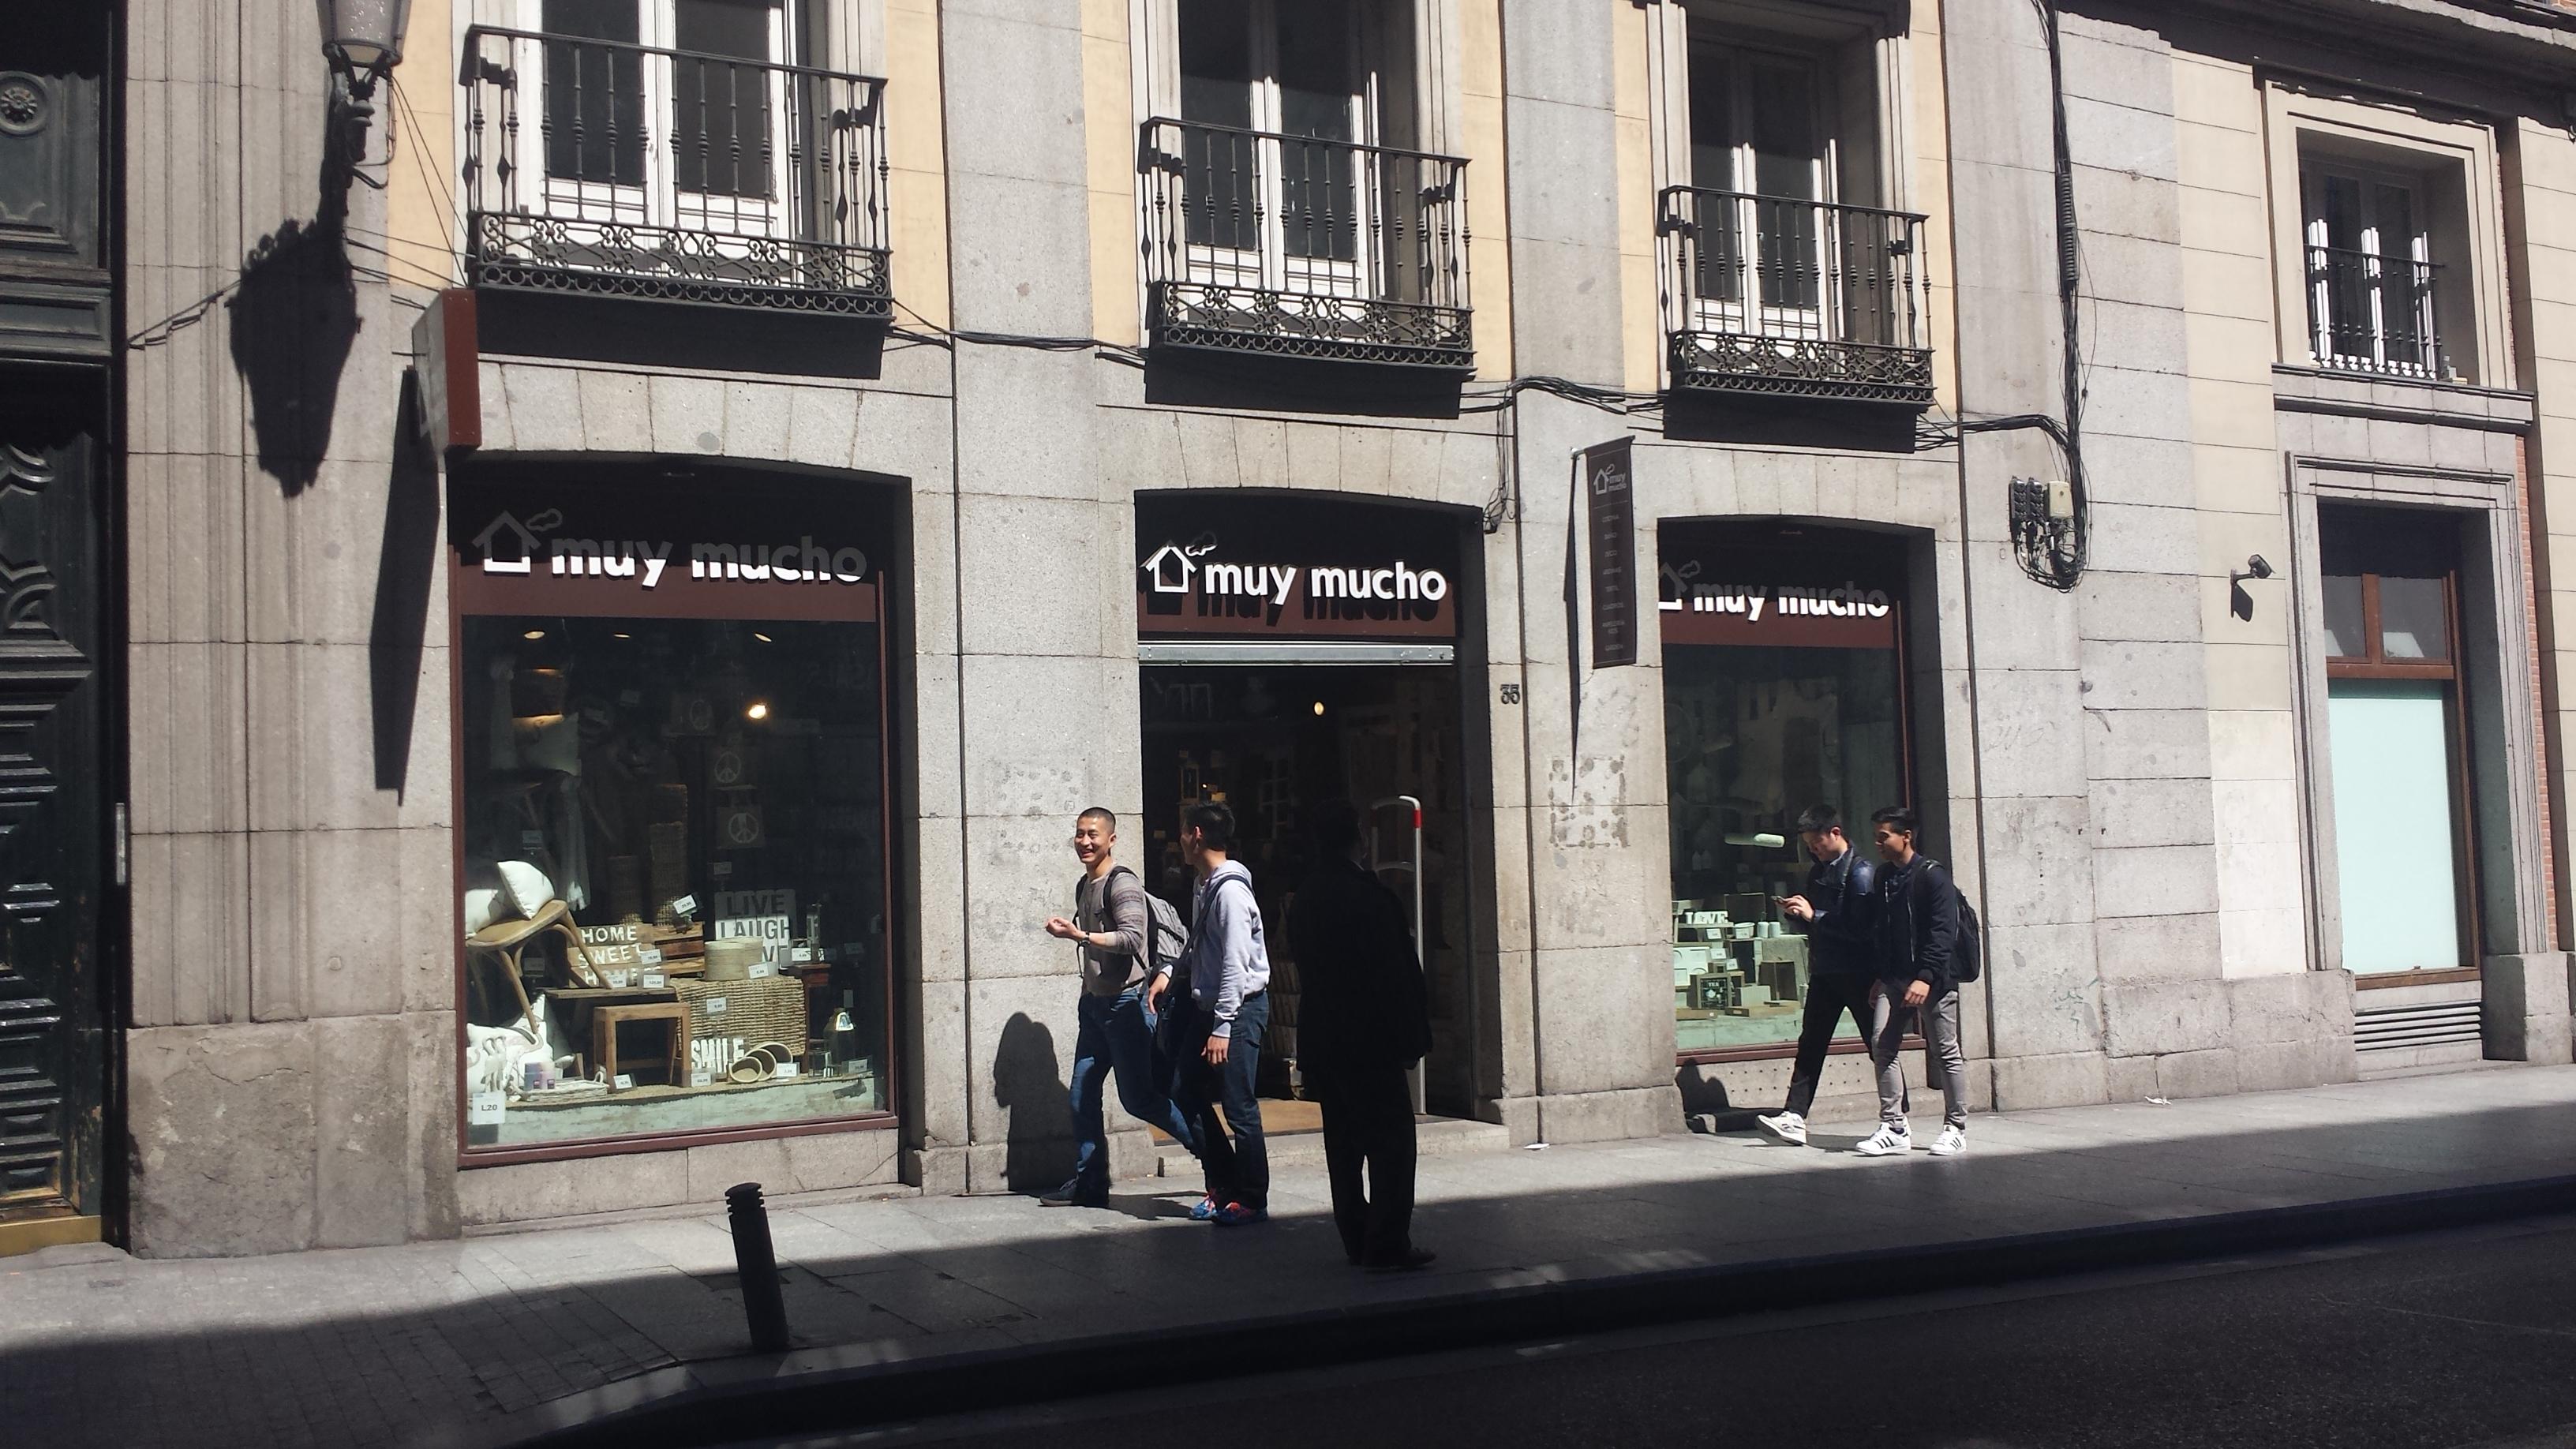 Tiendas De Decoraci N Elegarcia ~ Tiendas De Decoraciã³n En Madrid